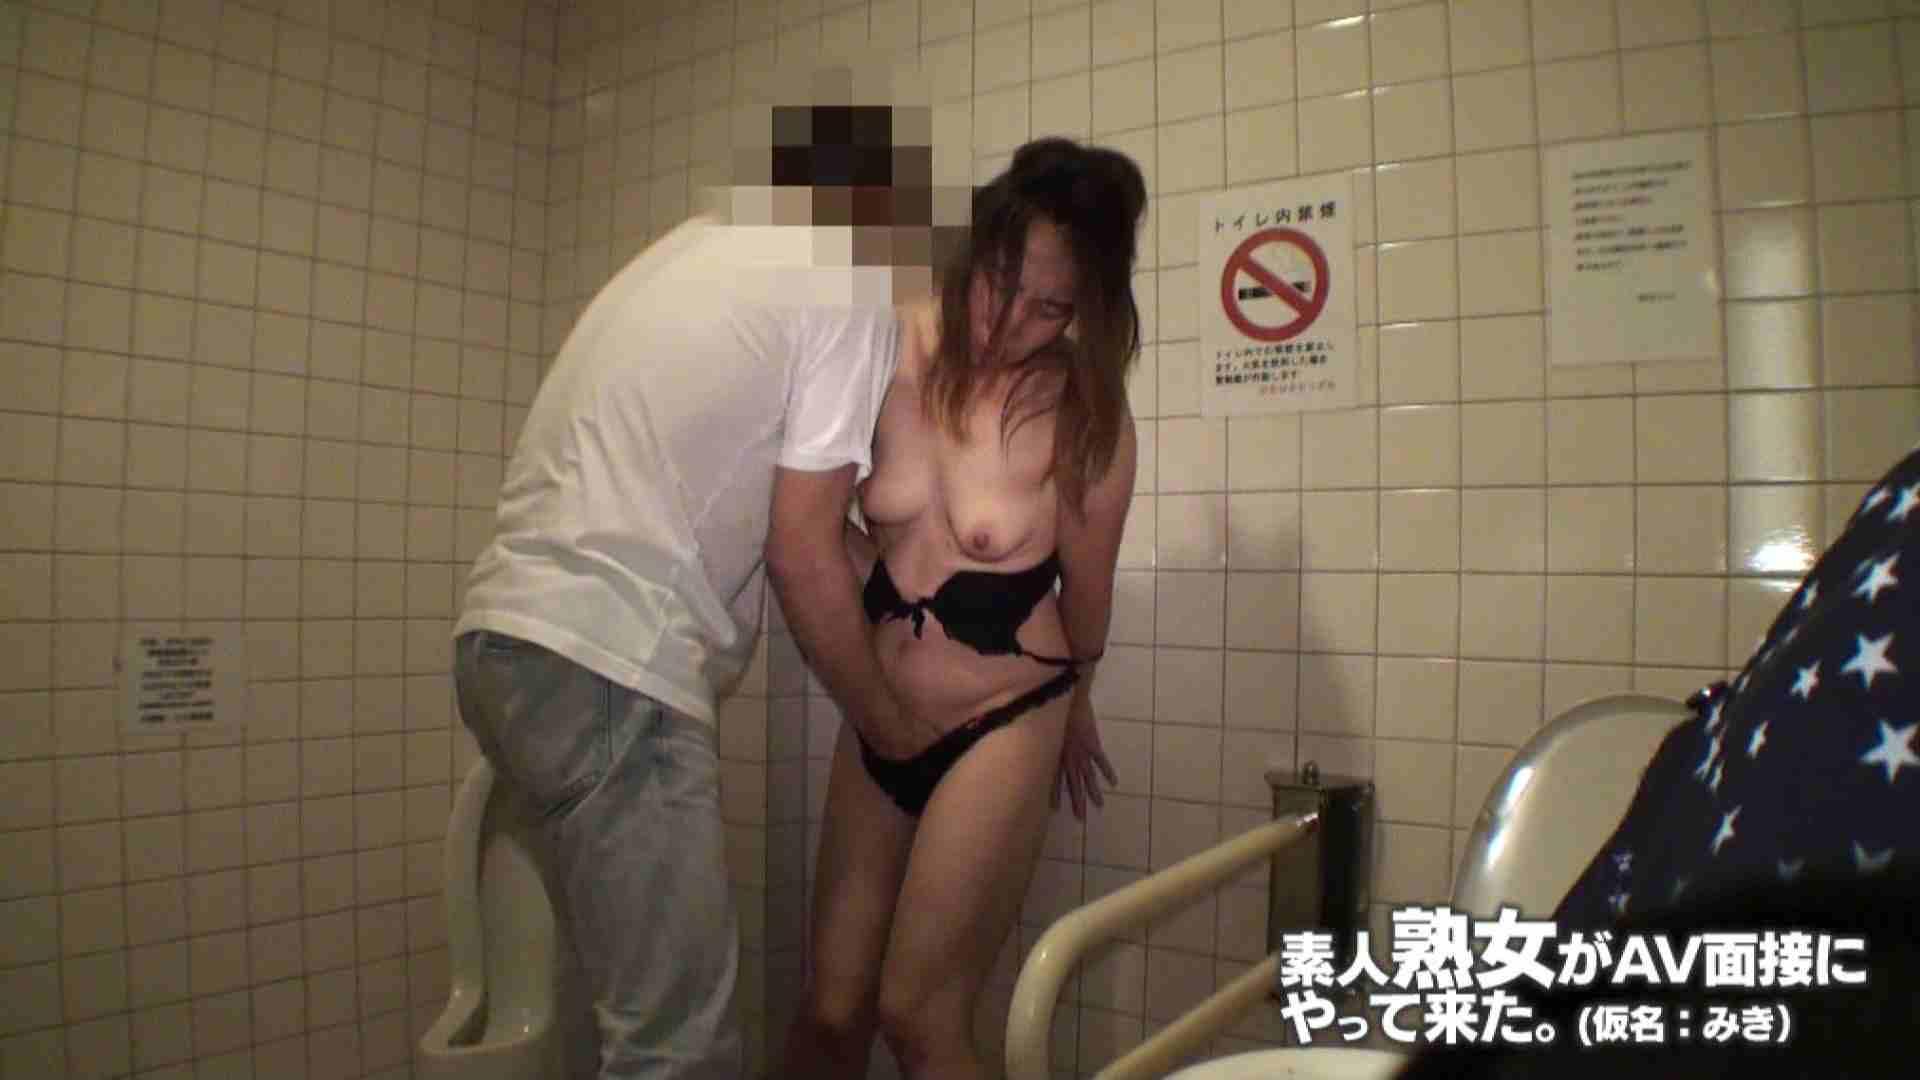 素人熟女がAV面接にやってきた (熟女)みきさんVOL.03 熟女 ヌード画像 60PIX 47